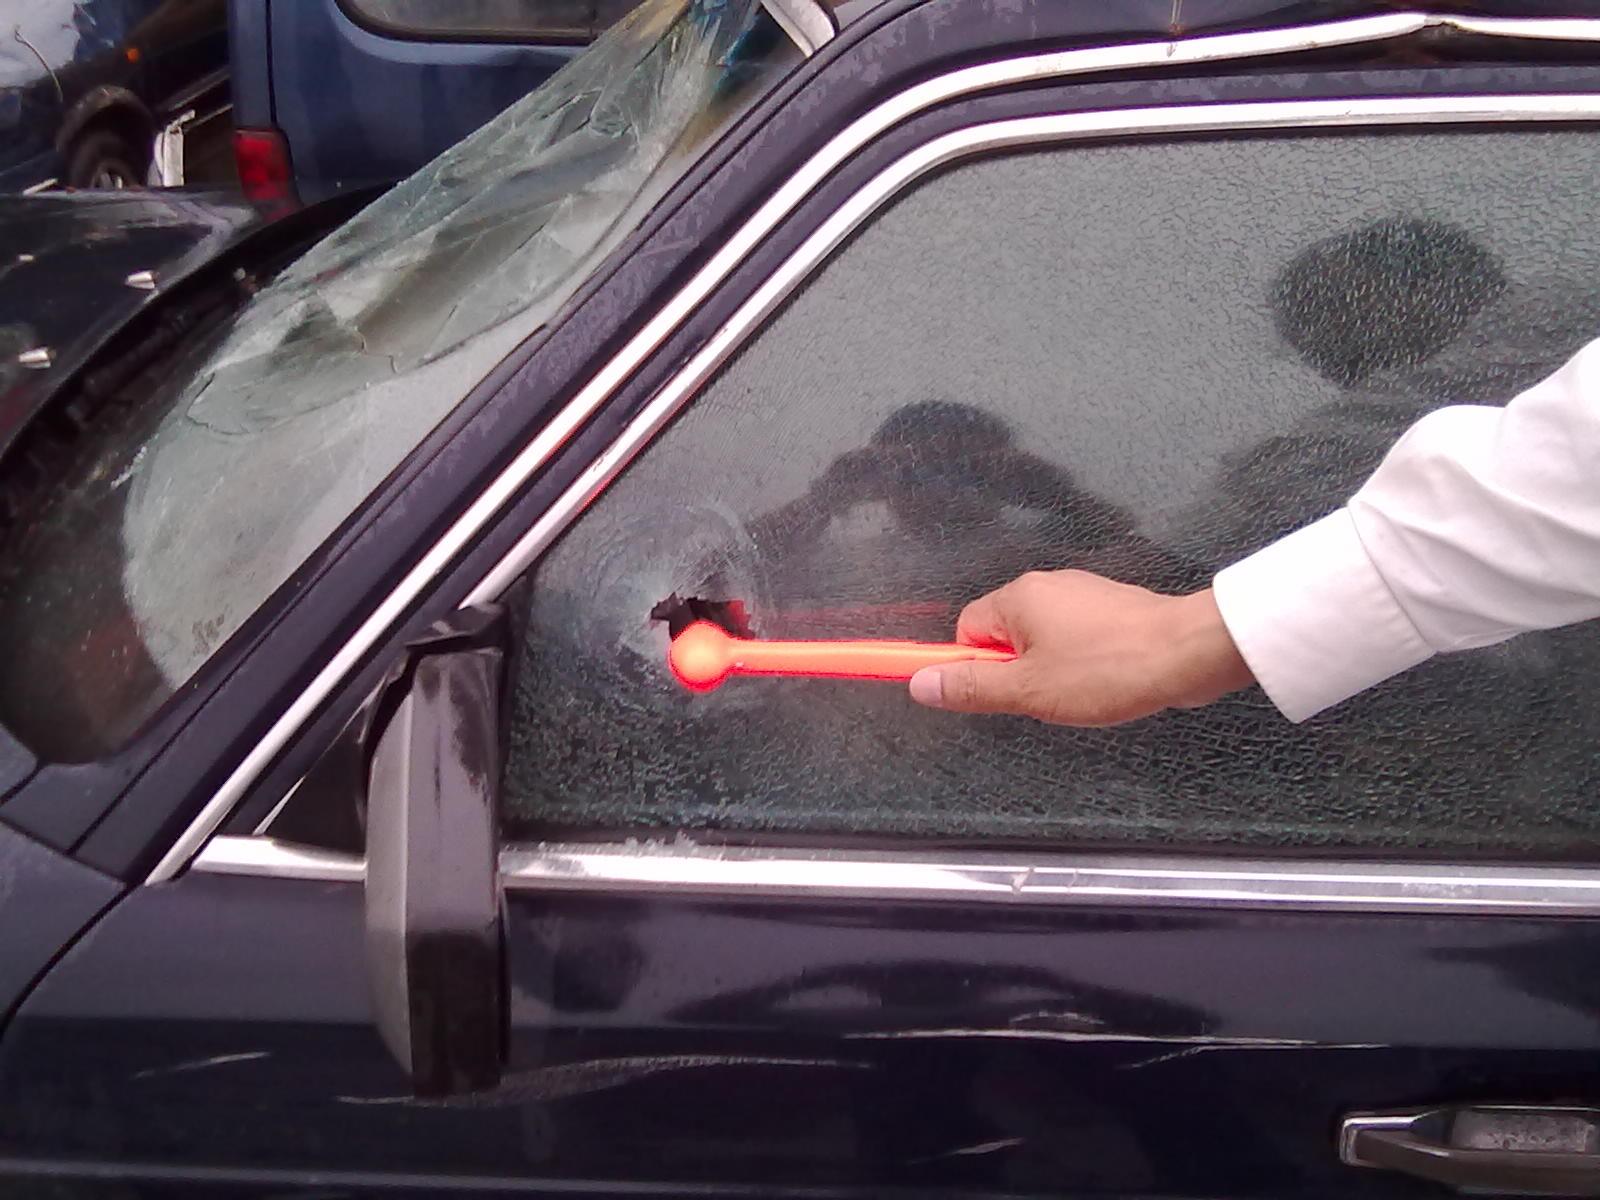 安全锤用于公交车大巴列车轮船,也用于砸破玻璃幕墙和钢化玻璃窗 是